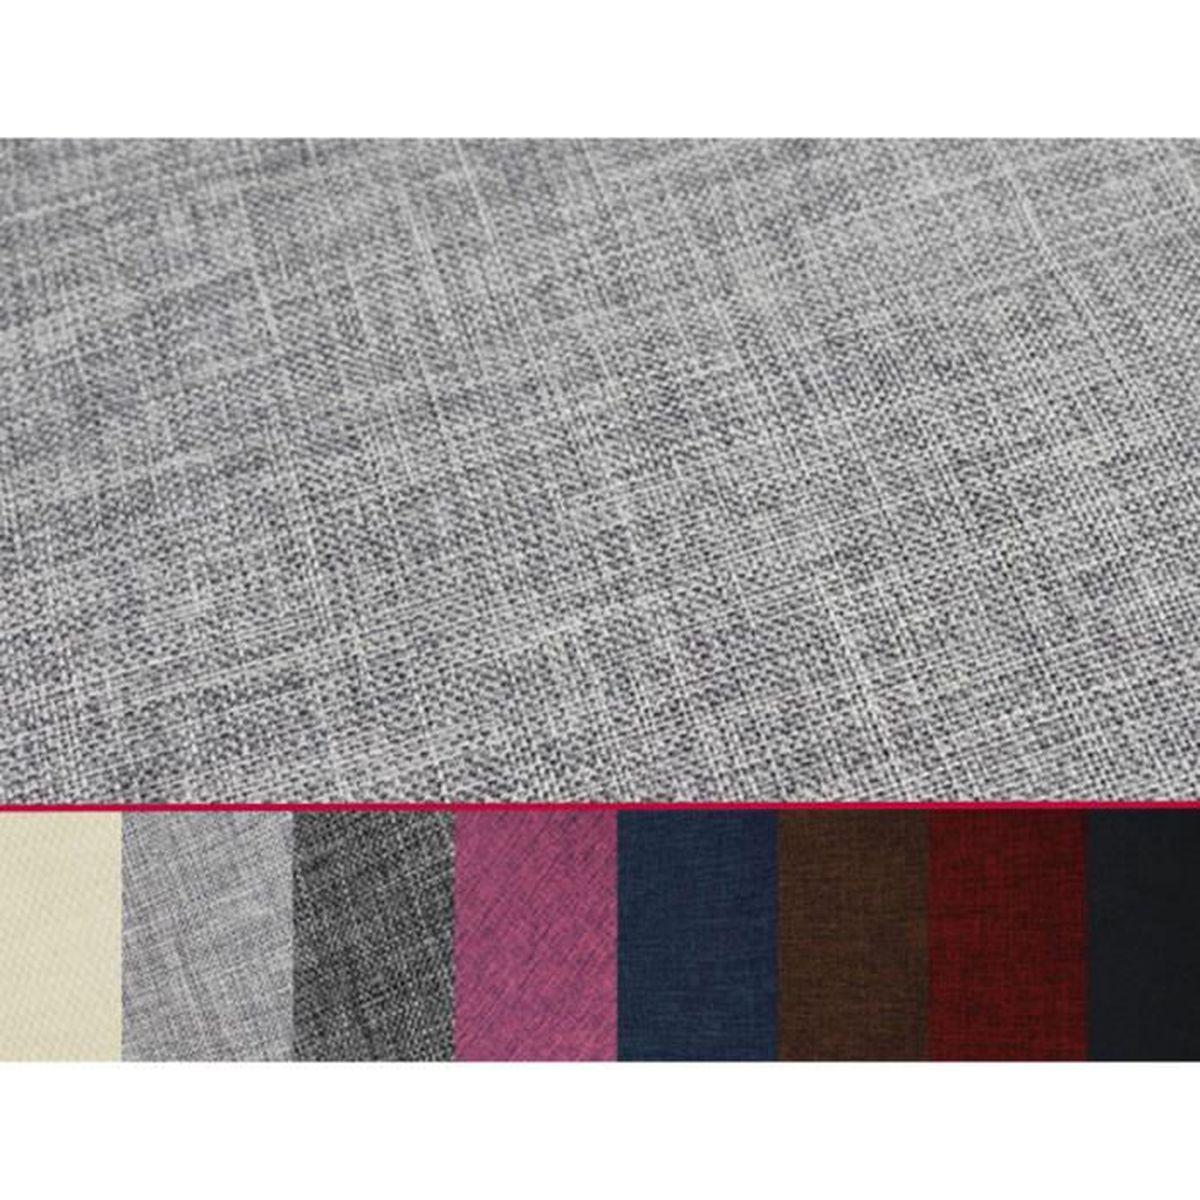 Tissu d ameublement achat vente tissu d ameublement - Tissu d ameublement design ...